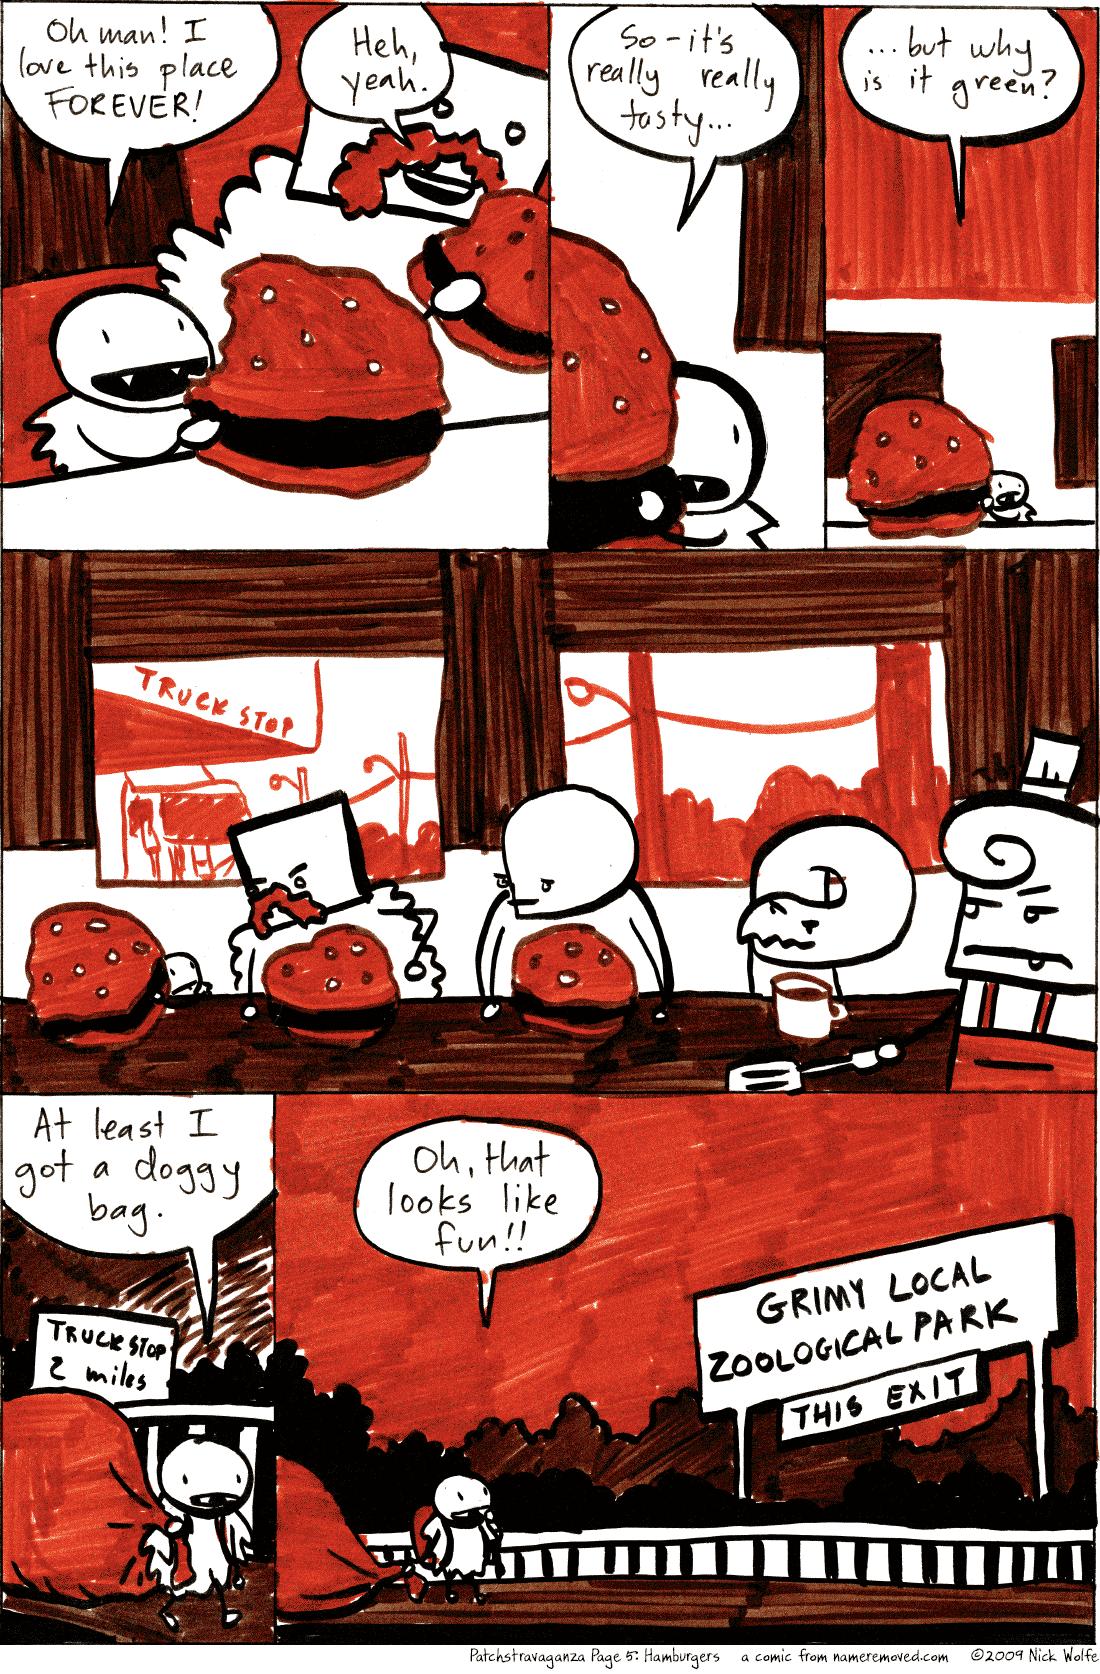 Patchstravaganza Page 5: Hamburgers